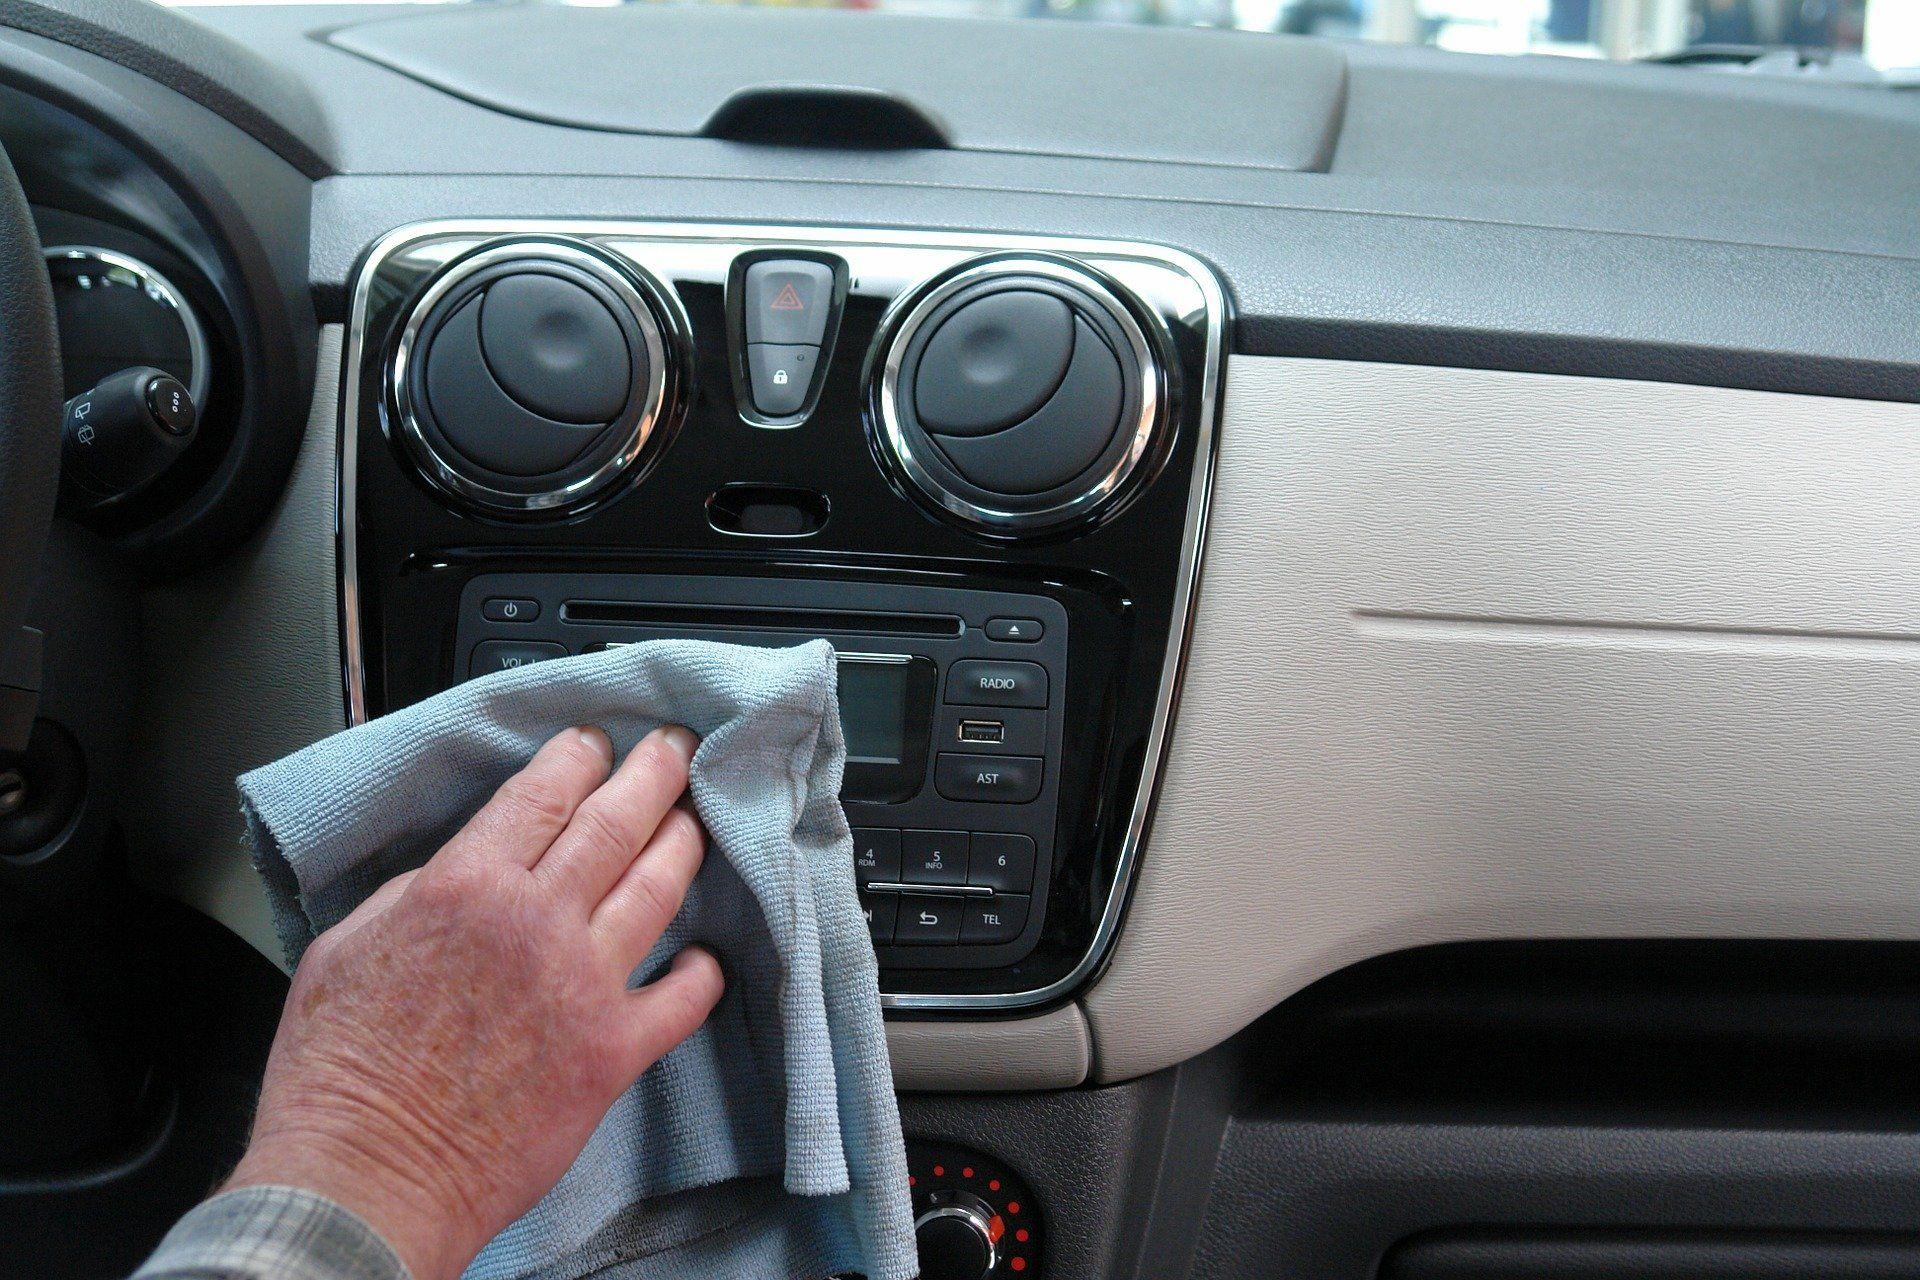 Coronavirus: ¿Cómo desinfectar el coche correctamente?